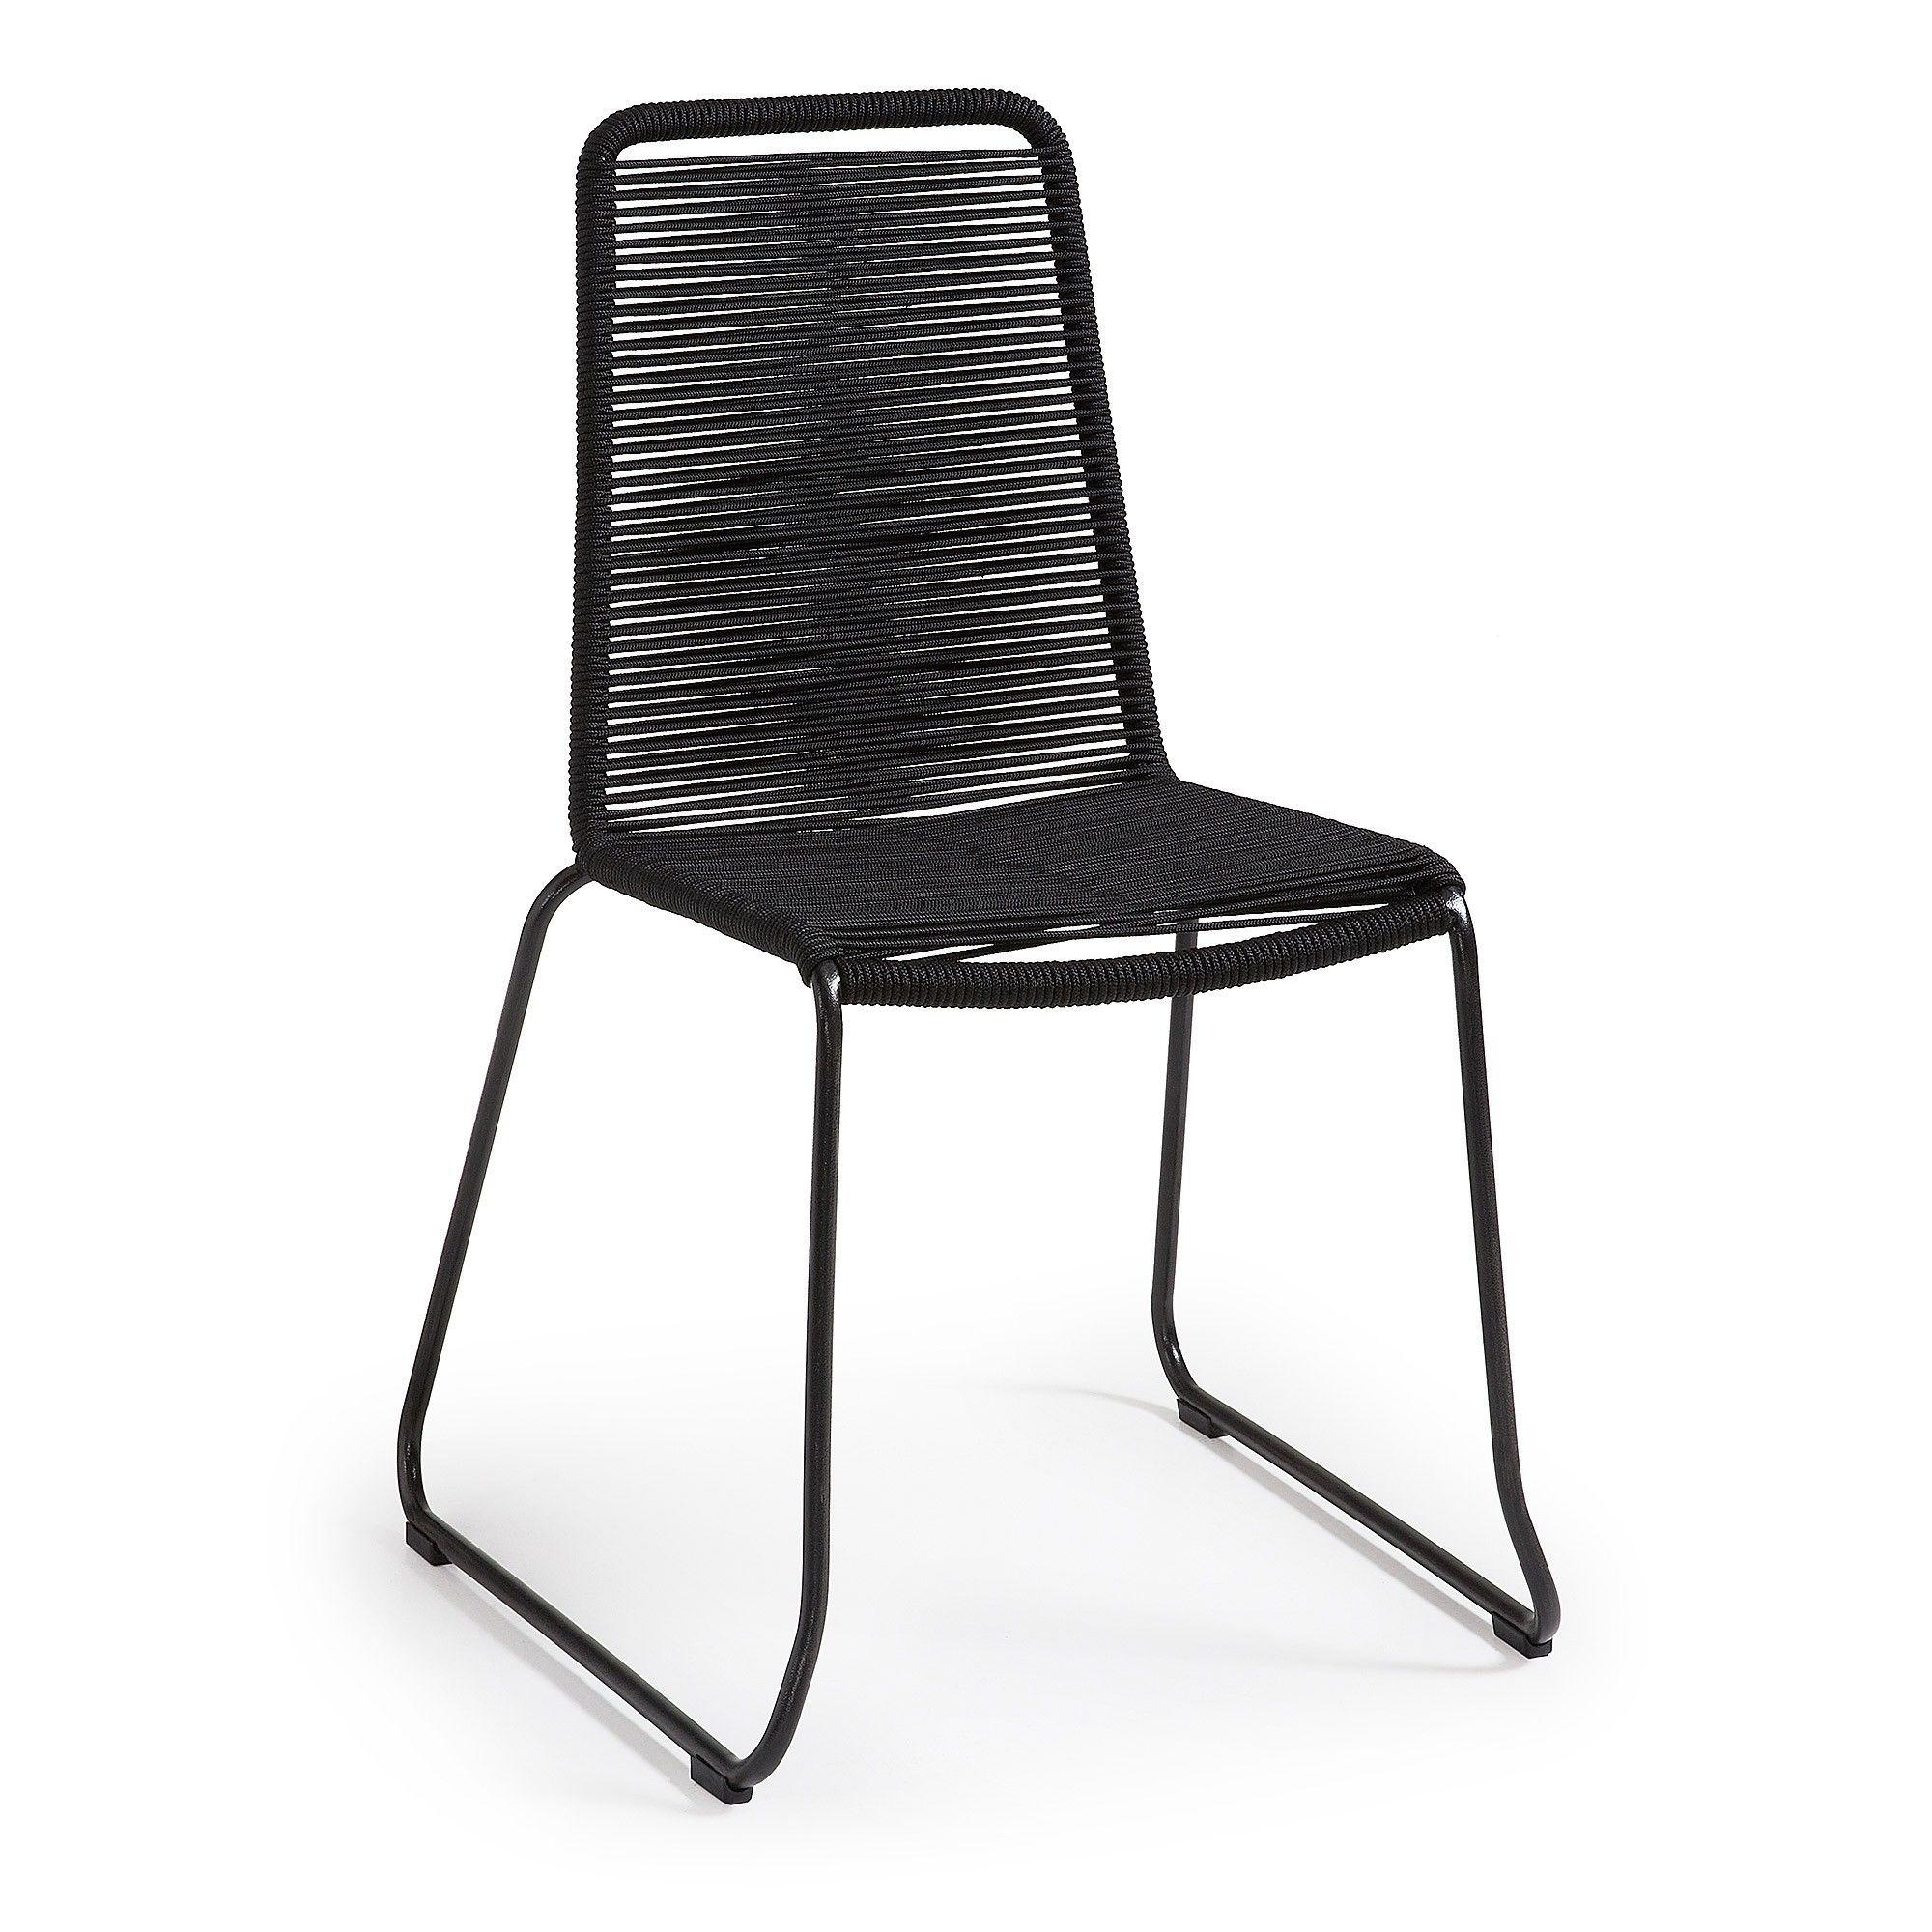 Balliol Stackable Indoor / Outdoor Dining Chair, Black